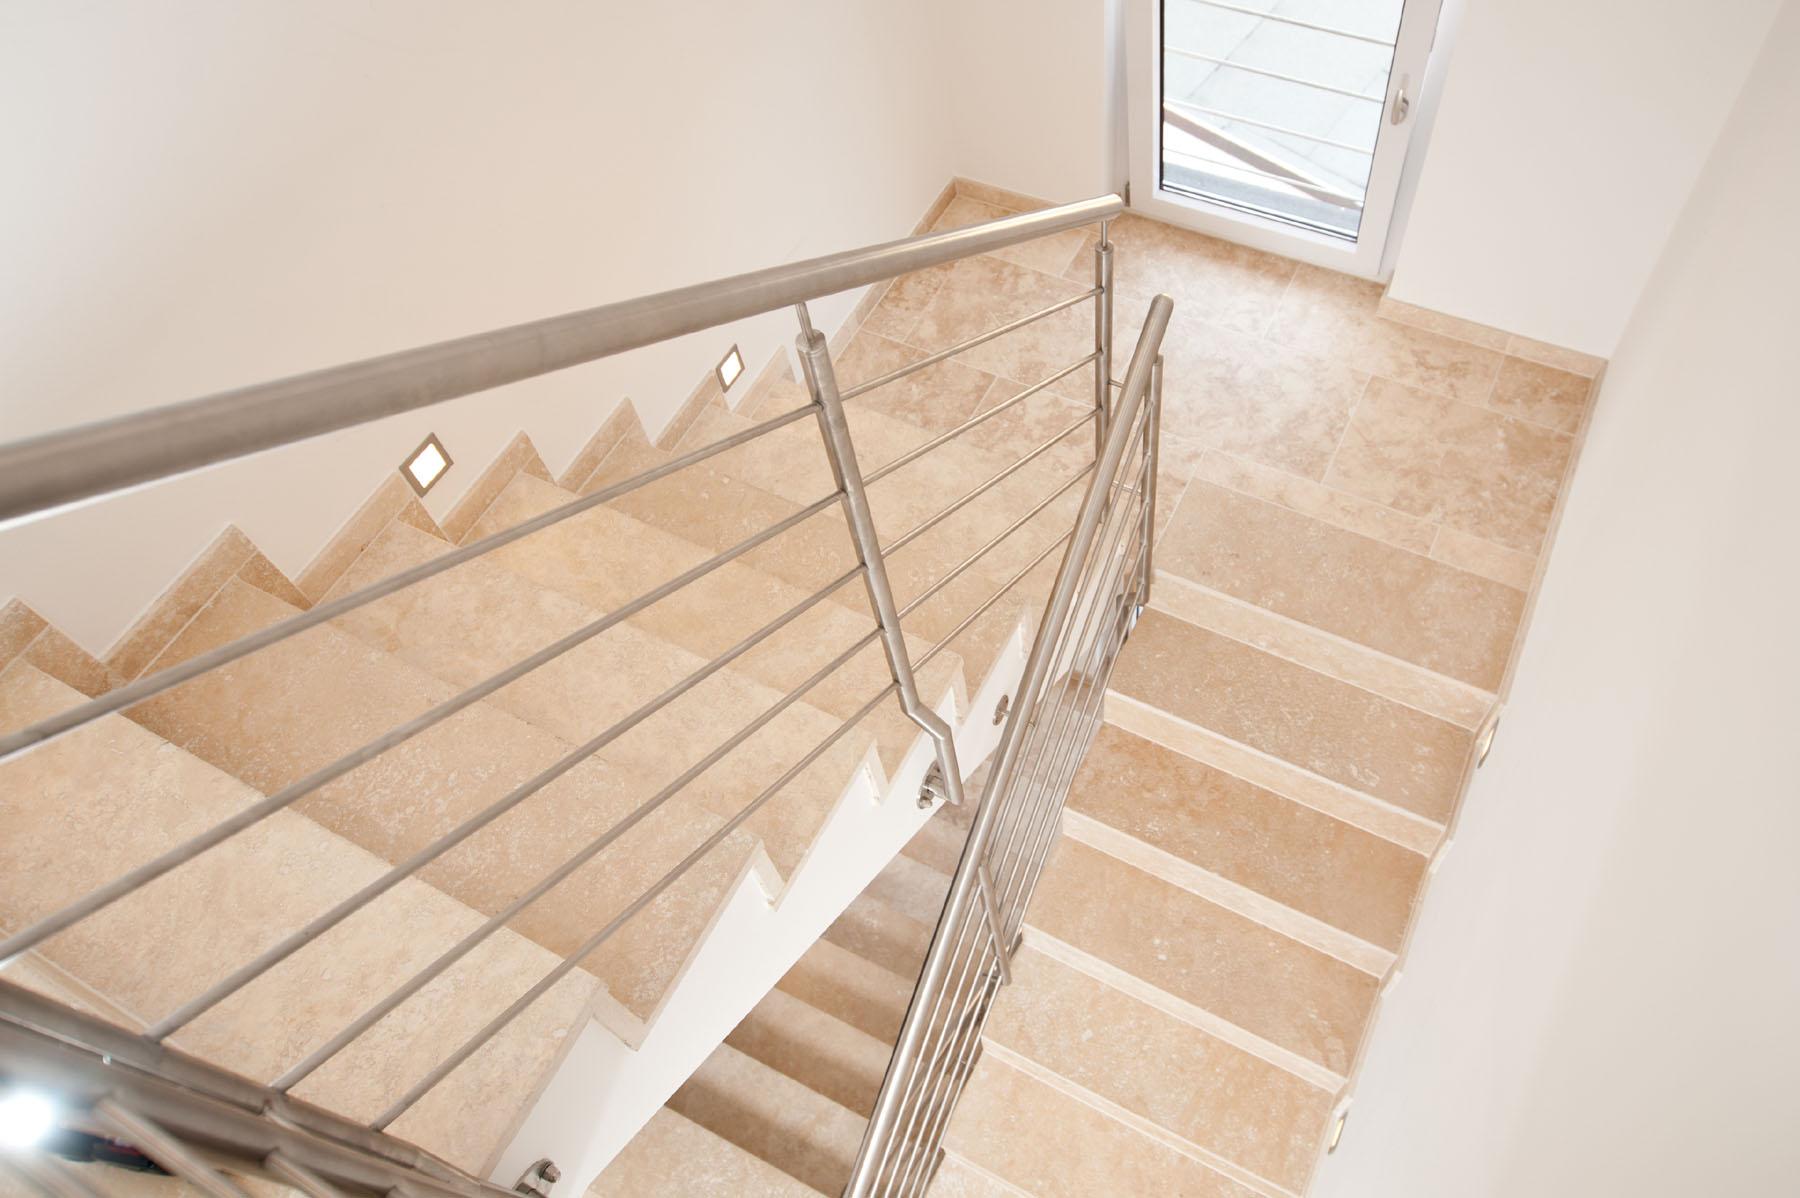 Gewendelte treppe fliesen fabulous treppen mit fliesen in - Fliesen legen dauer ...